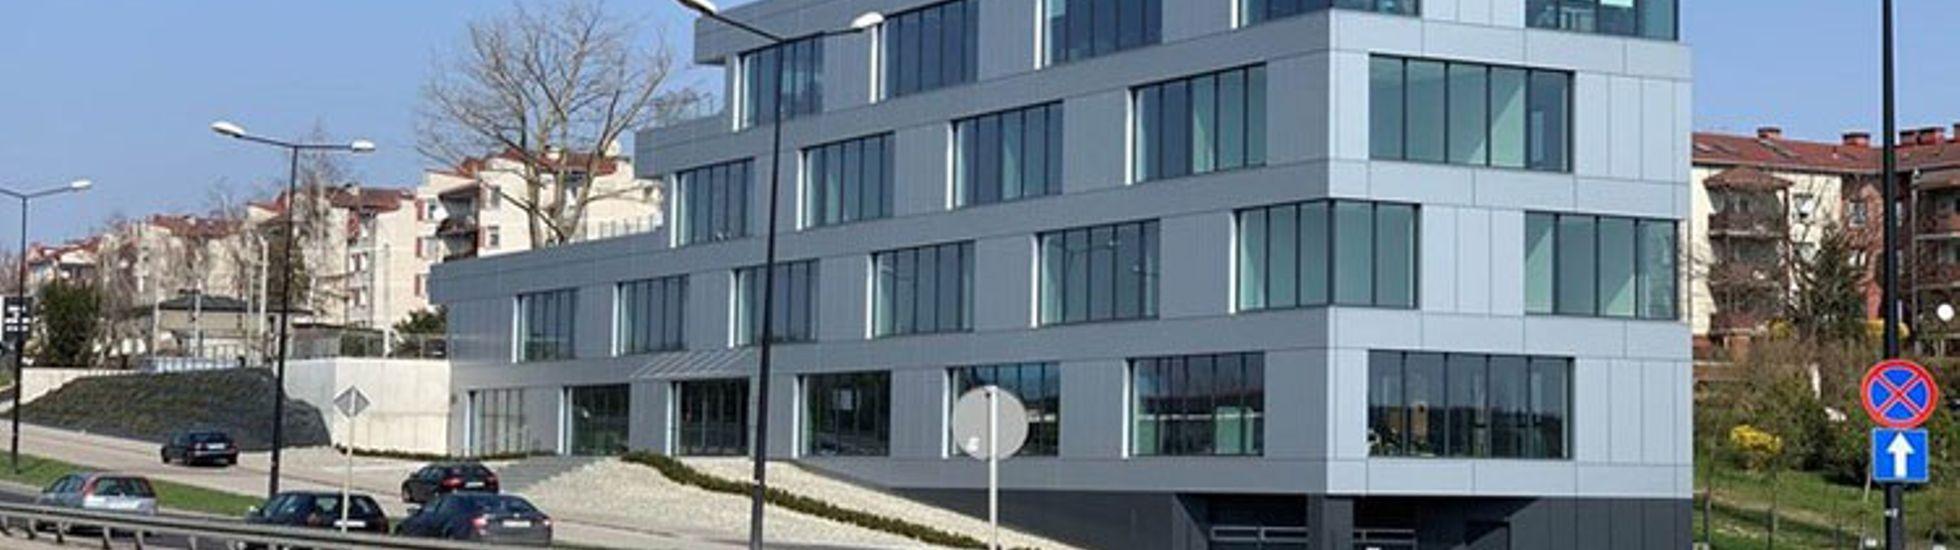 [Lublin] Strabag wynajął ponad 1000 mkw. powierzchni biurowej w budynku Point 75 w Lublinie